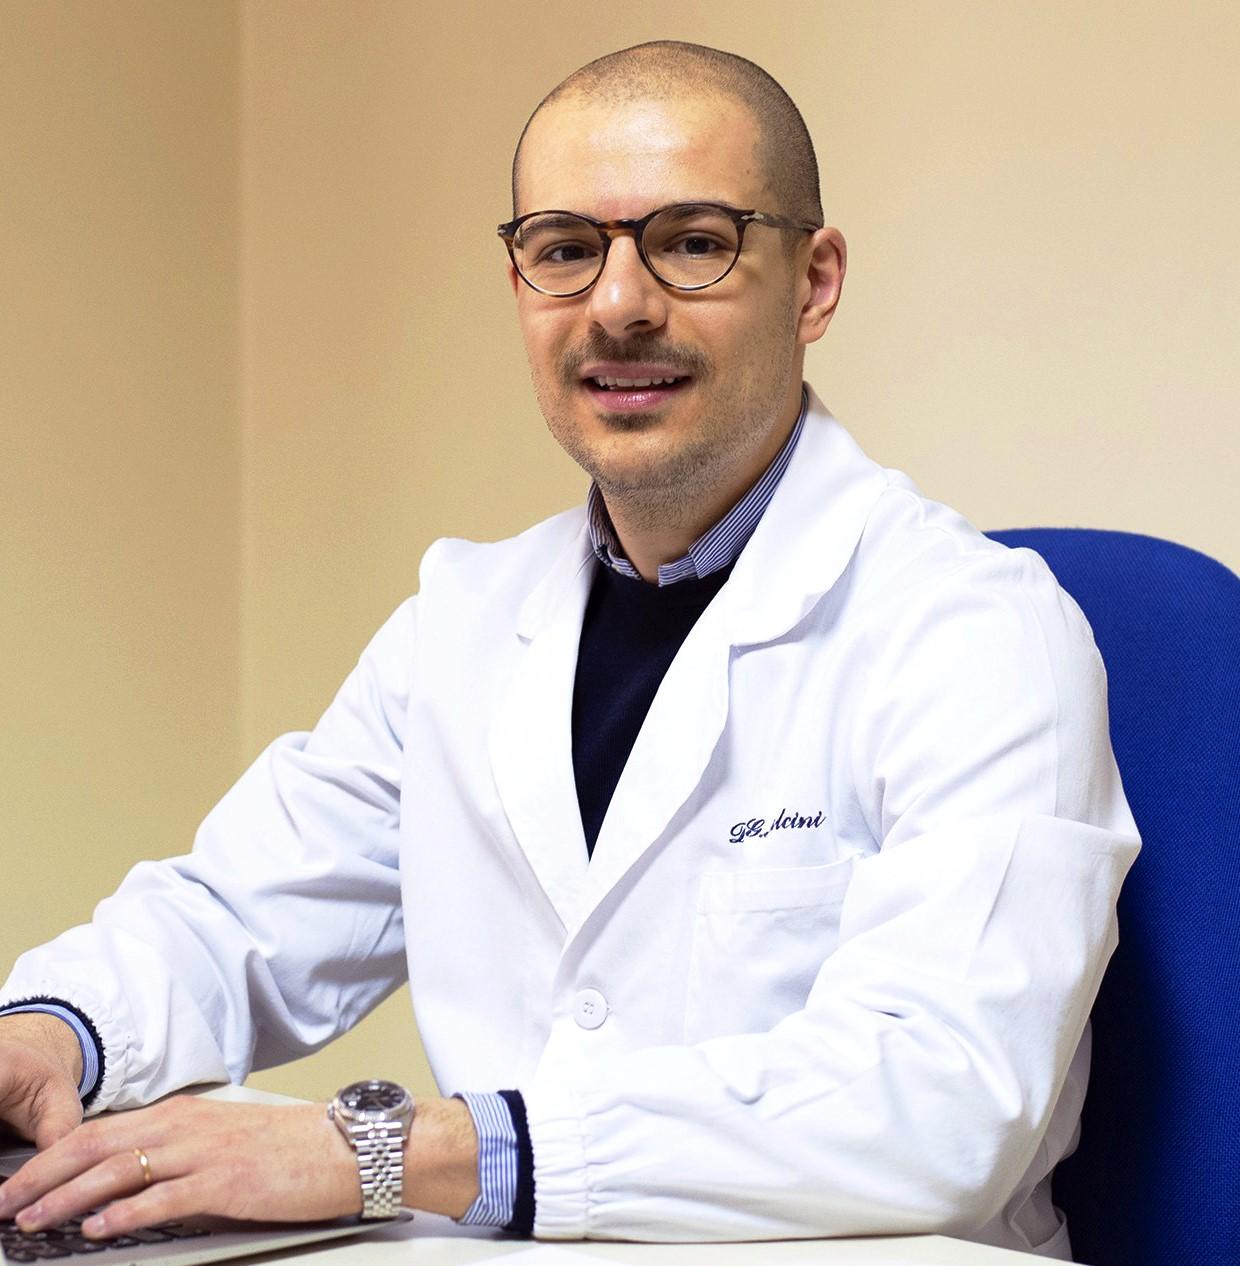 Dott. GABRIELE PULCINI